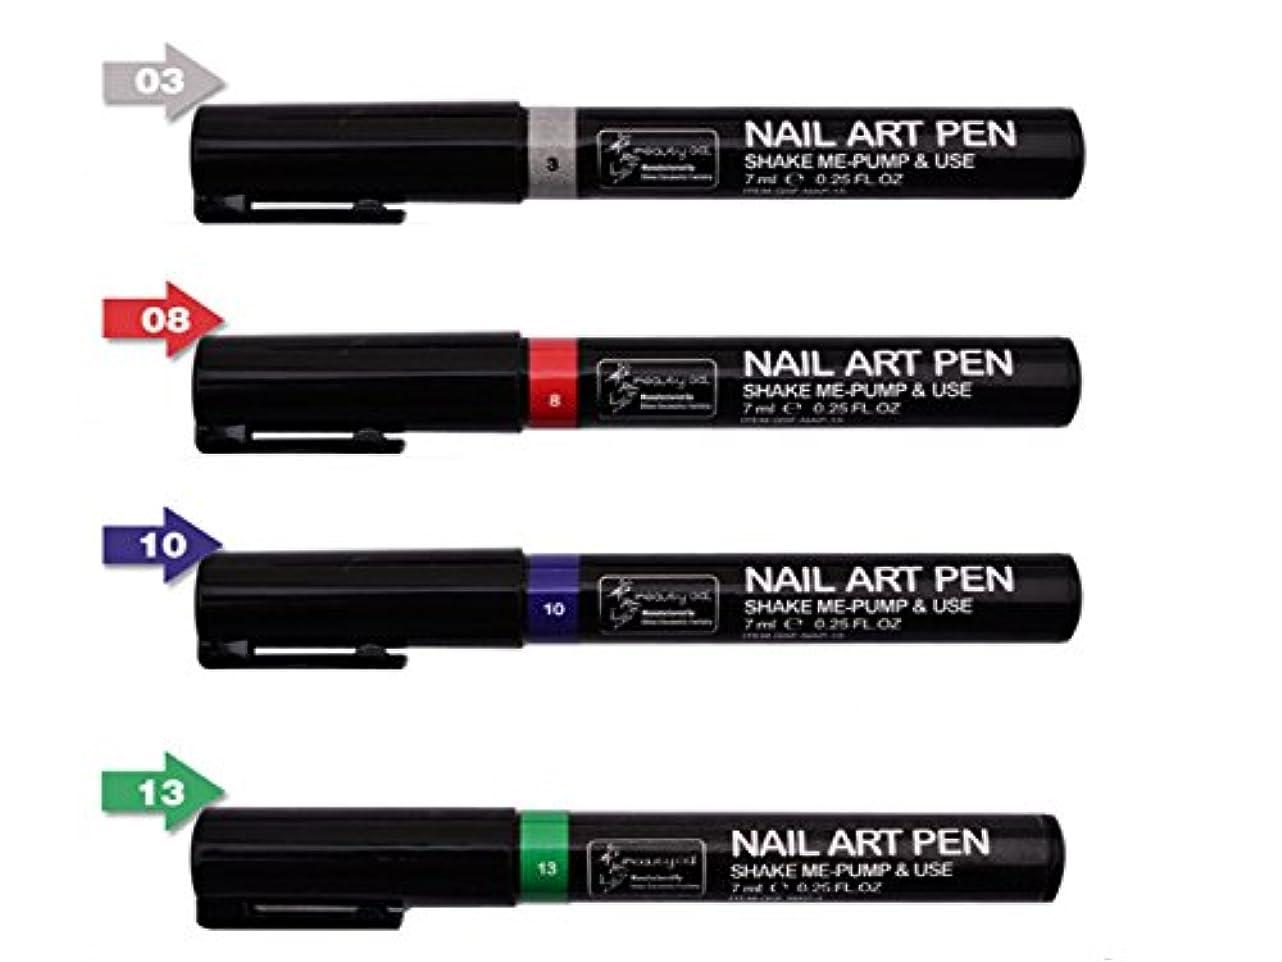 抹消庭園全体ネイルアートツール3DペイントペンスタイリングドットペンシルネイルブラシDIYマニキュアペンネイルペイントペン (組み合わせ2)